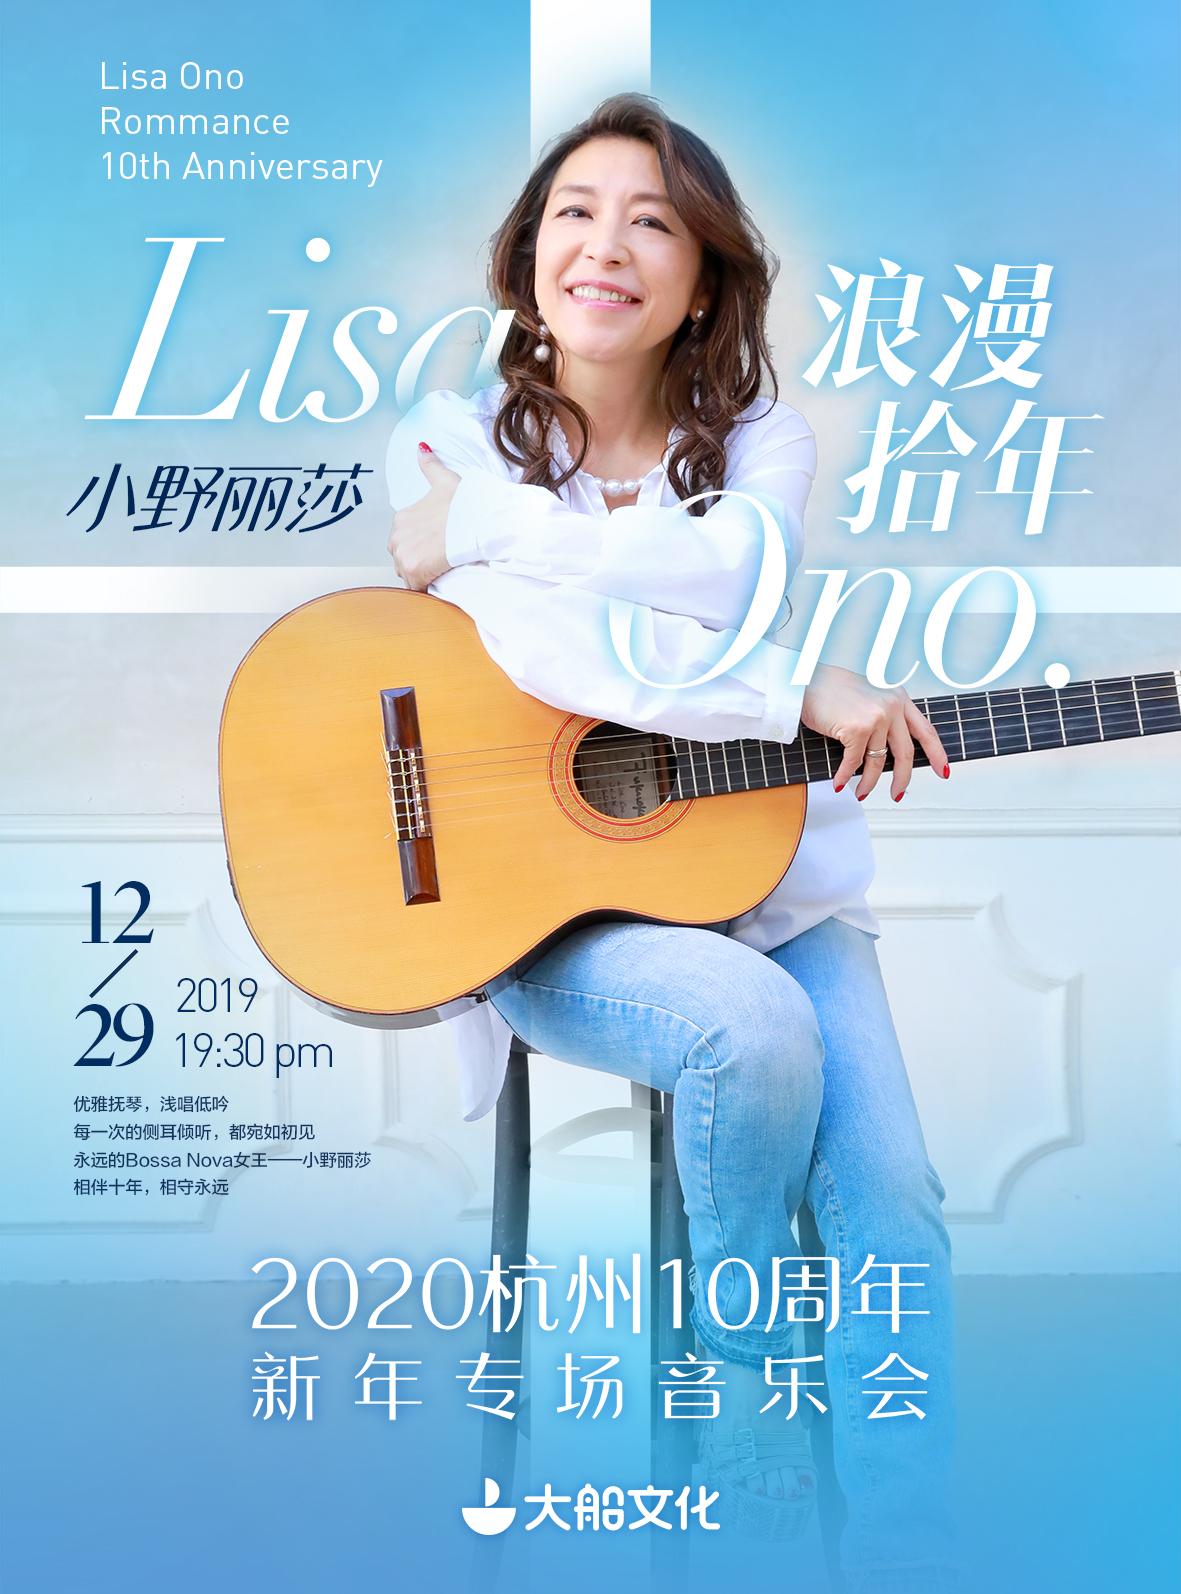 小野丽莎杭州演唱会